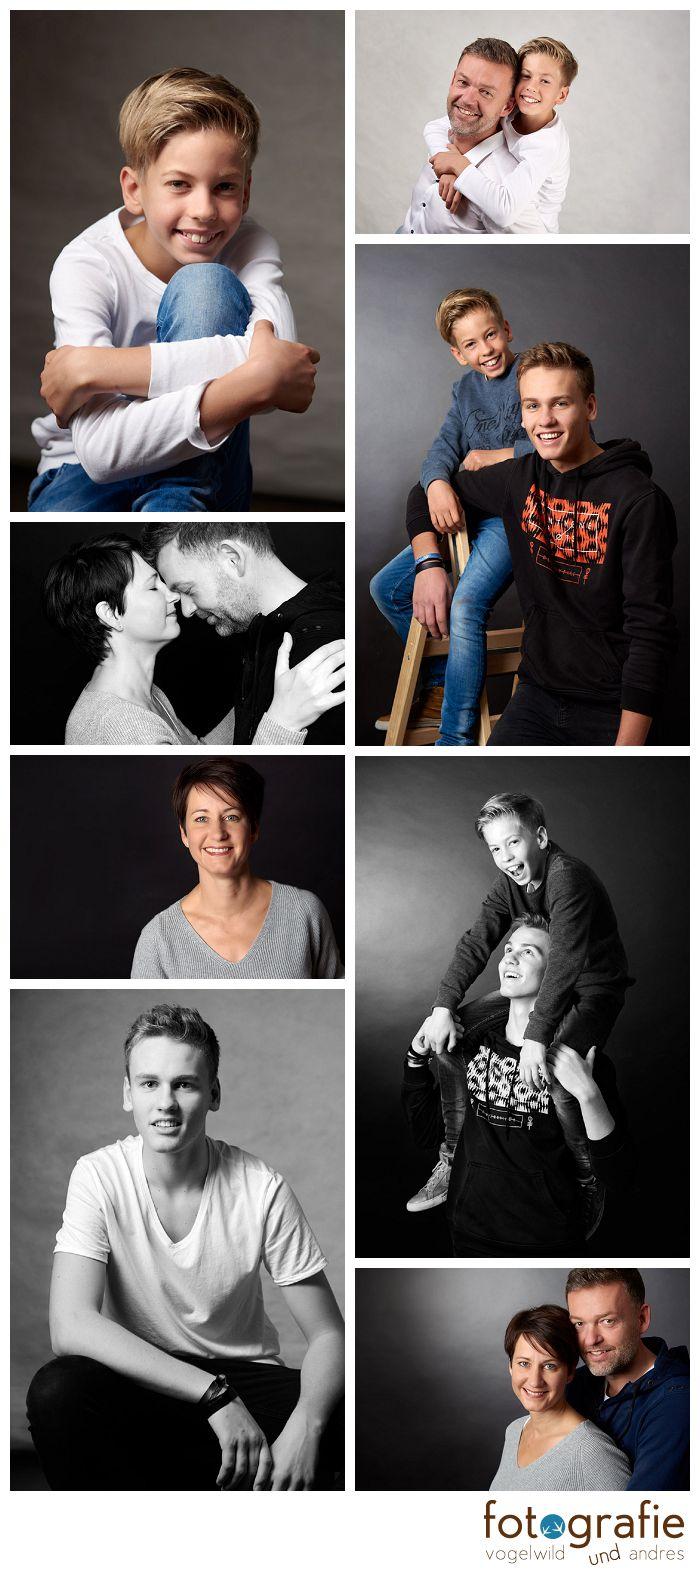 Geschwisterfotos im Studio